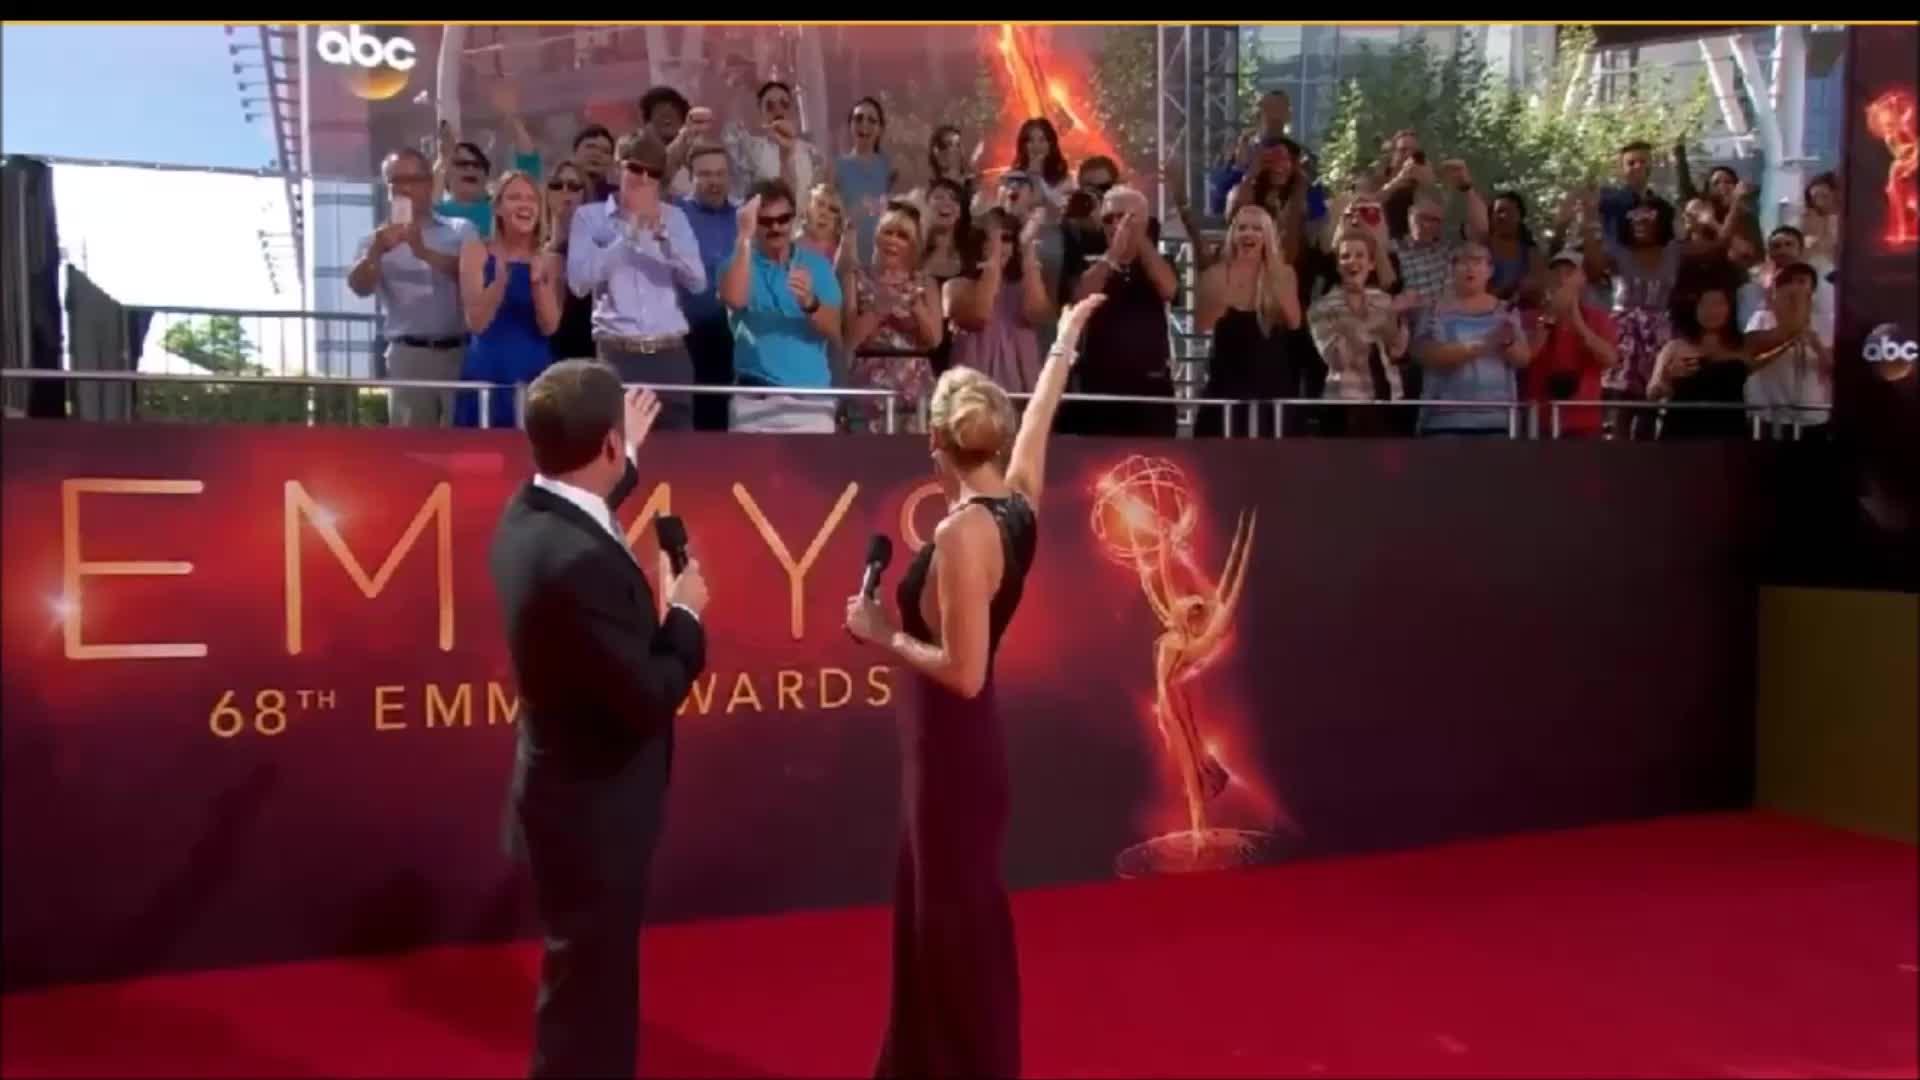 Emmys2016, emmys, emmys2016, red carpet, Hello Red Carpet! Emmys 2016 GIFs